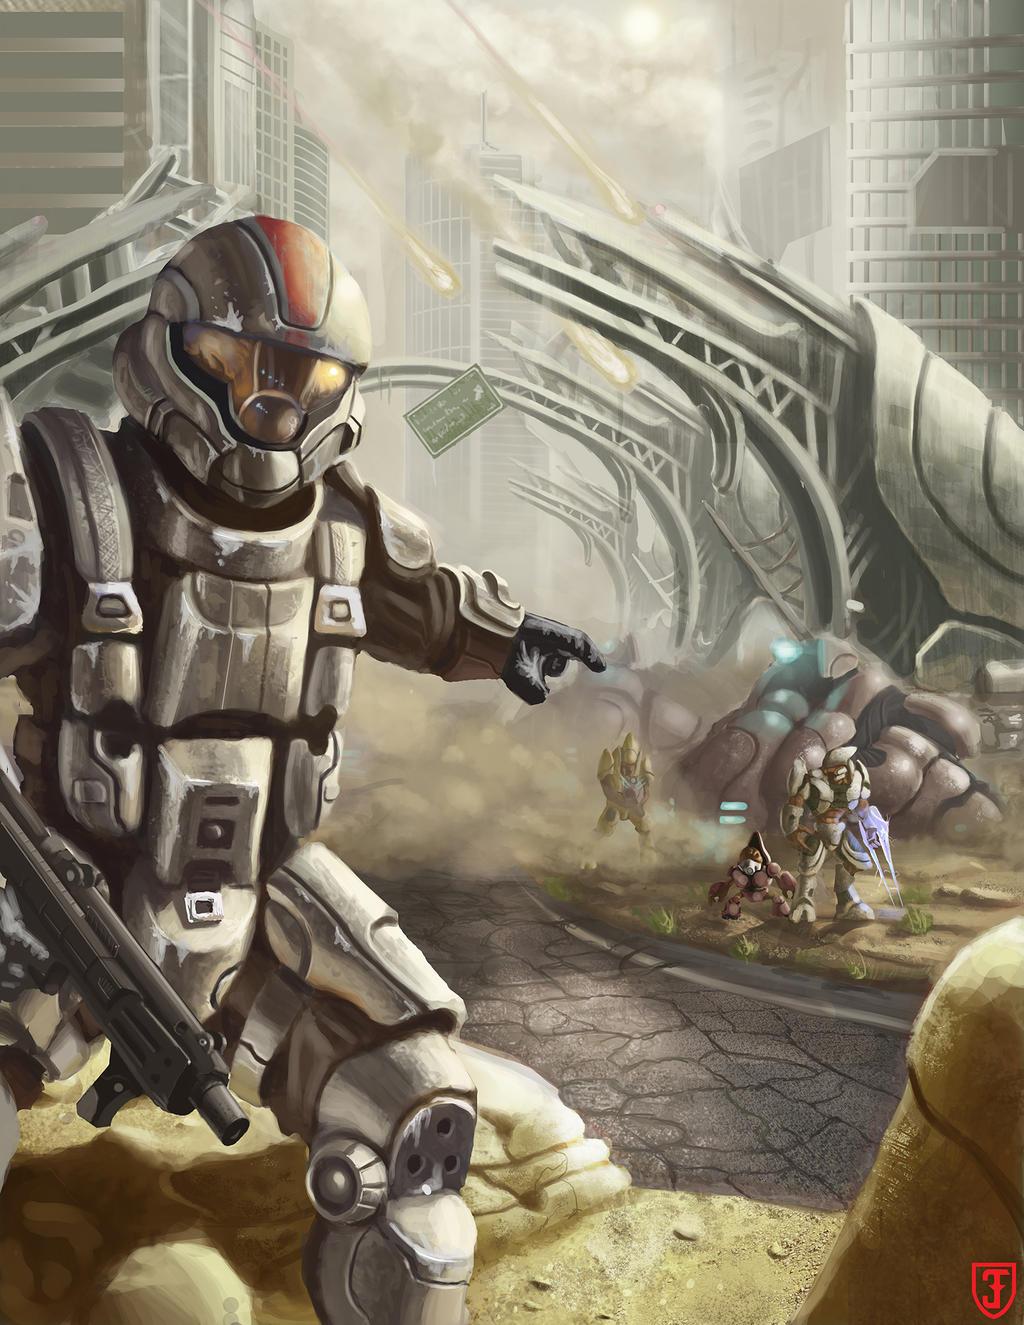 Spartan ODST fanart by TheToughPup